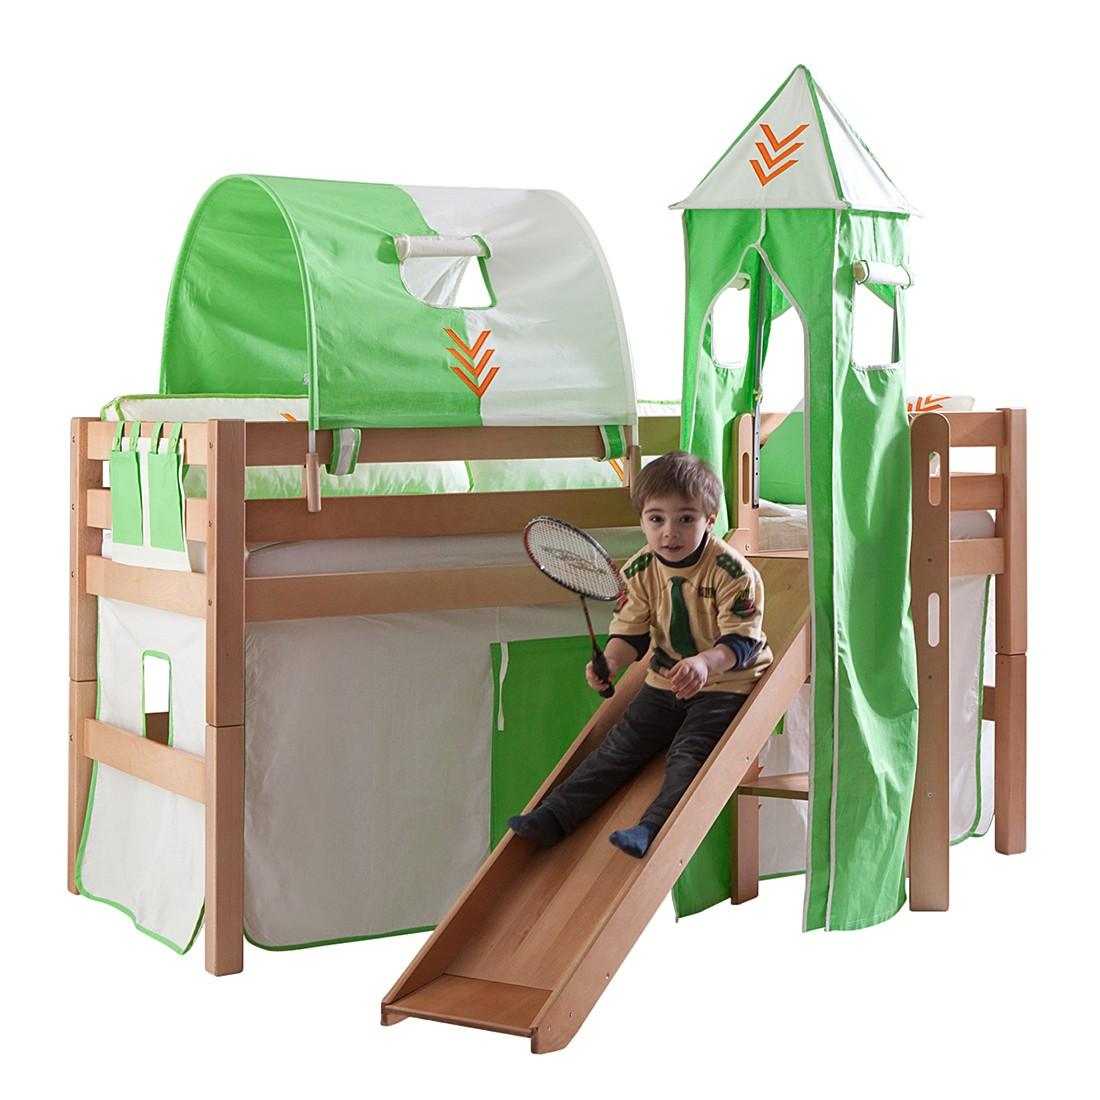 Spielbett Eliyas - mit Rutsche, Vorhang, Tunnel, Turm und Tasche - Buche natur/Textil Indianer, Relita